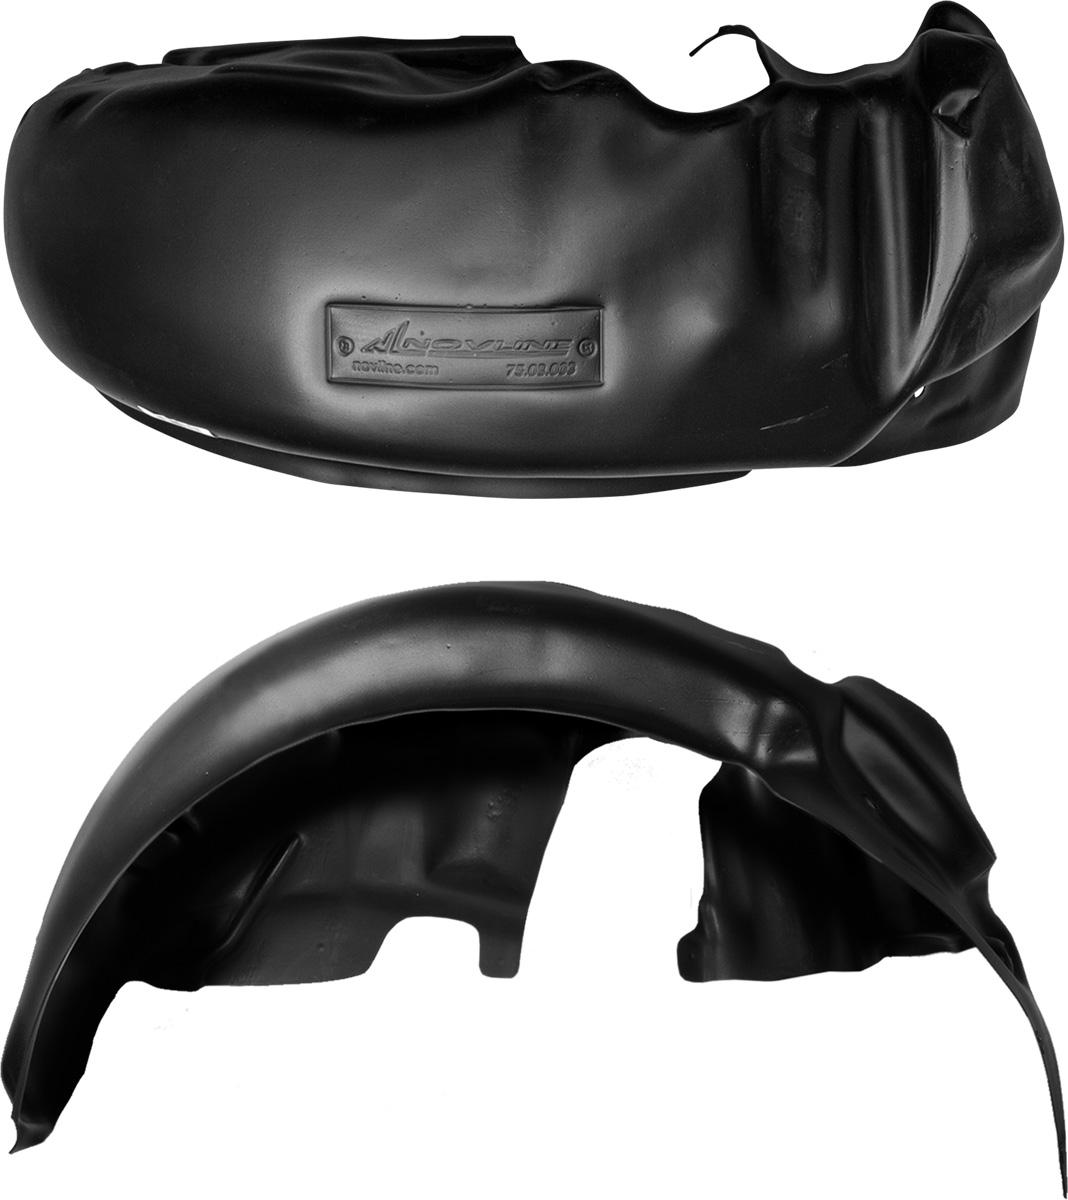 Подкрылок Novline-Autofamily, для Mitsubishi Pajero IV, 2006->, задний левый42803002Колесные ниши - одни из самых уязвимых зон днища вашего автомобиля. Они постоянно подвергаются воздействию со стороны дороги. Лучшая, почти абсолютная защита для них - специально отформованные пластиковые кожухи, которые называются подкрылками. Производятся они как для отечественных моделей автомобилей, так и для иномарок. Подкрылки Novline-Autofamily выполнены из высококачественного, экологически чистого пластика. Обеспечивают надежную защиту кузова автомобиля от пескоструйного эффекта и негативного влияния, агрессивных антигололедных реагентов. Пластик обладает более низкой теплопроводностью, чем металл, поэтому в зимний период эксплуатации использование пластиковых подкрылков позволяет лучше защитить колесные ниши от налипания снега и образования наледи. Оригинальность конструкции подчеркивает элегантность автомобиля, бережно защищает нанесенное на днище кузова антикоррозийное покрытие и позволяет осуществить крепление подкрылков внутри колесной арки практически без дополнительного крепежа и сверления, не нарушая при этом лакокрасочного покрытия, что предотвращает возникновение новых очагов коррозии. Подкрылки долговечны, обладают высокой прочностью и сохраняют заданную форму, а также все свои физико-механические характеристики в самых тяжелых климатических условиях (от -50°С до +50°С).Уважаемые клиенты!Обращаем ваше внимание, на тот факт, что подкрылок имеет форму, соответствующую модели данного автомобиля. Фото служит для визуального восприятия товара.